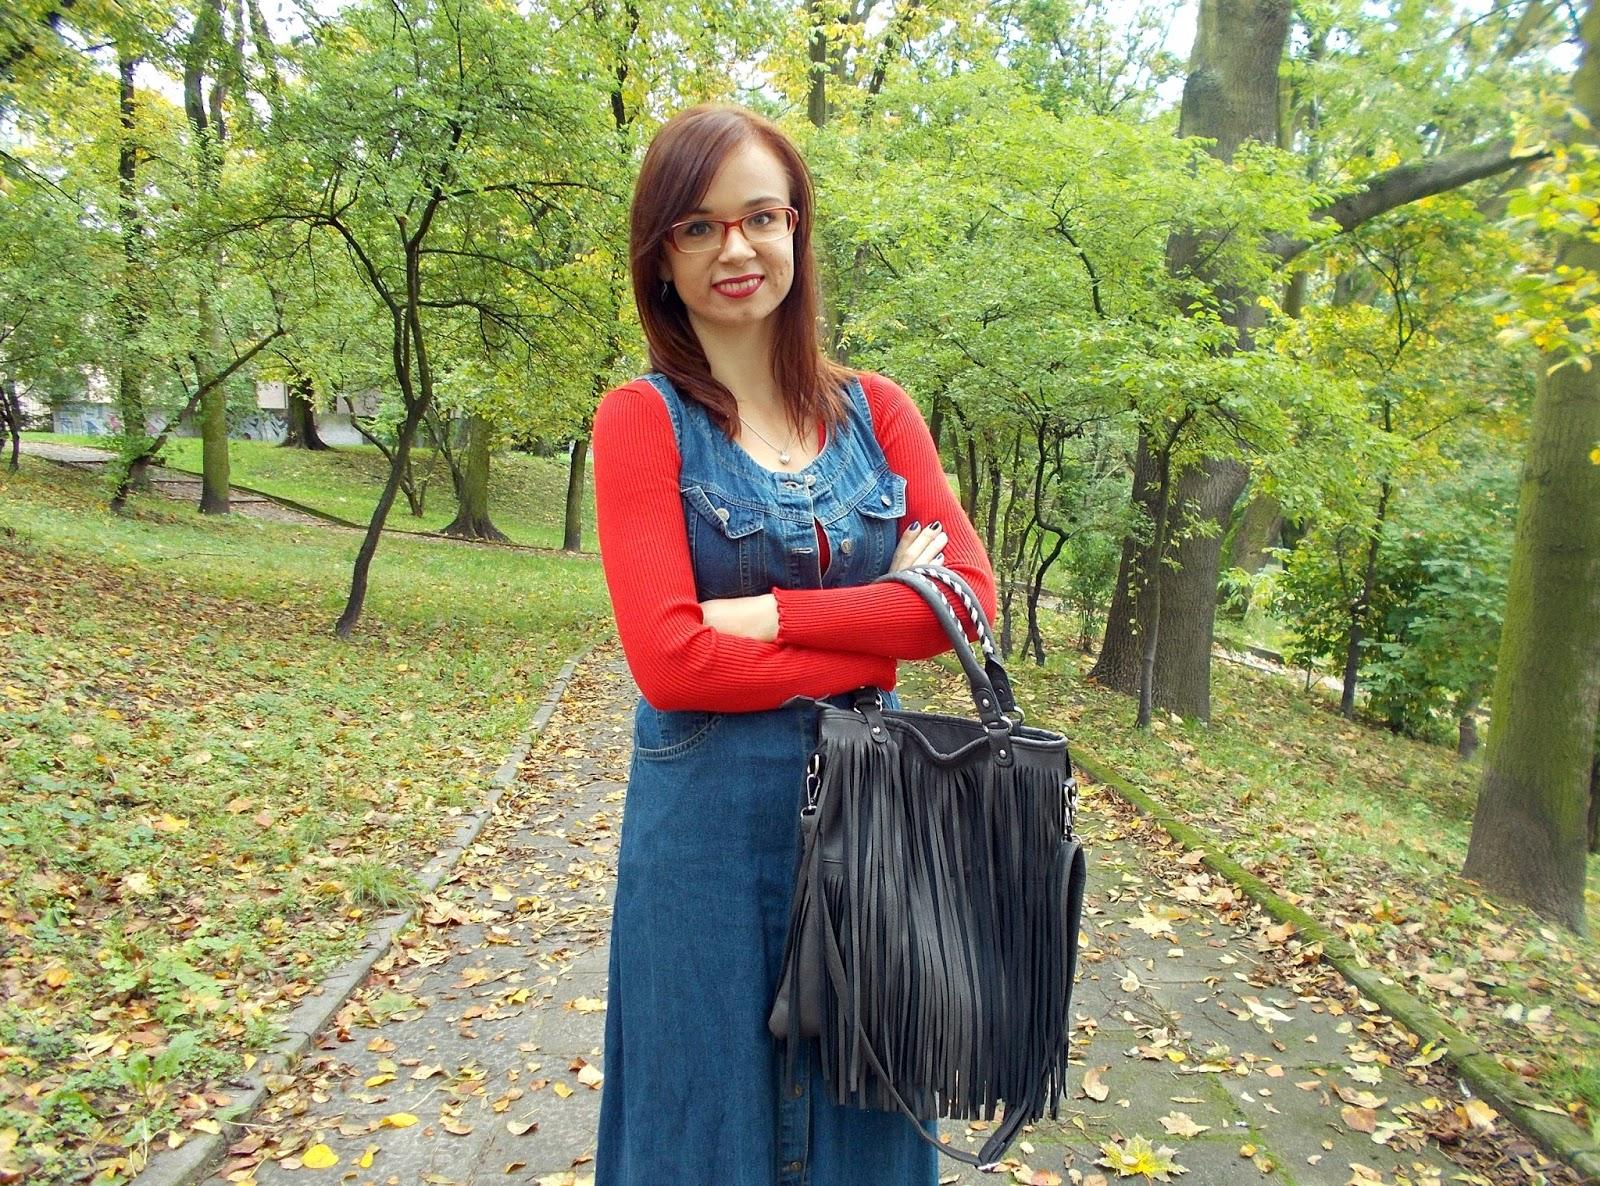 #7dni7sukienek wersja jesienna cz. 1